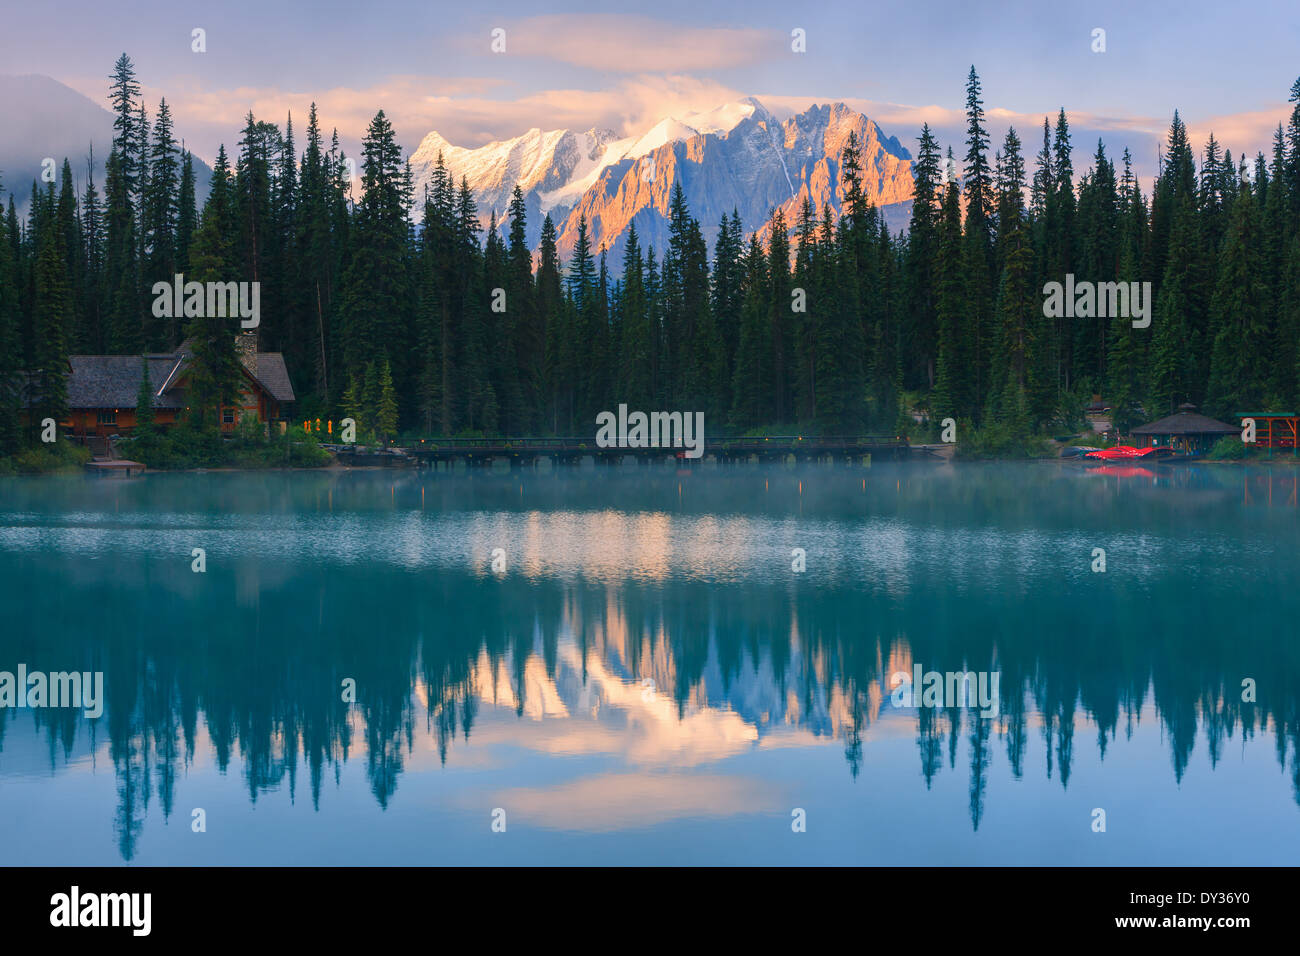 Sunrise Lago Smeraldo nel Parco Nazionale di Yoho, British Columbia, Canada Immagini Stock